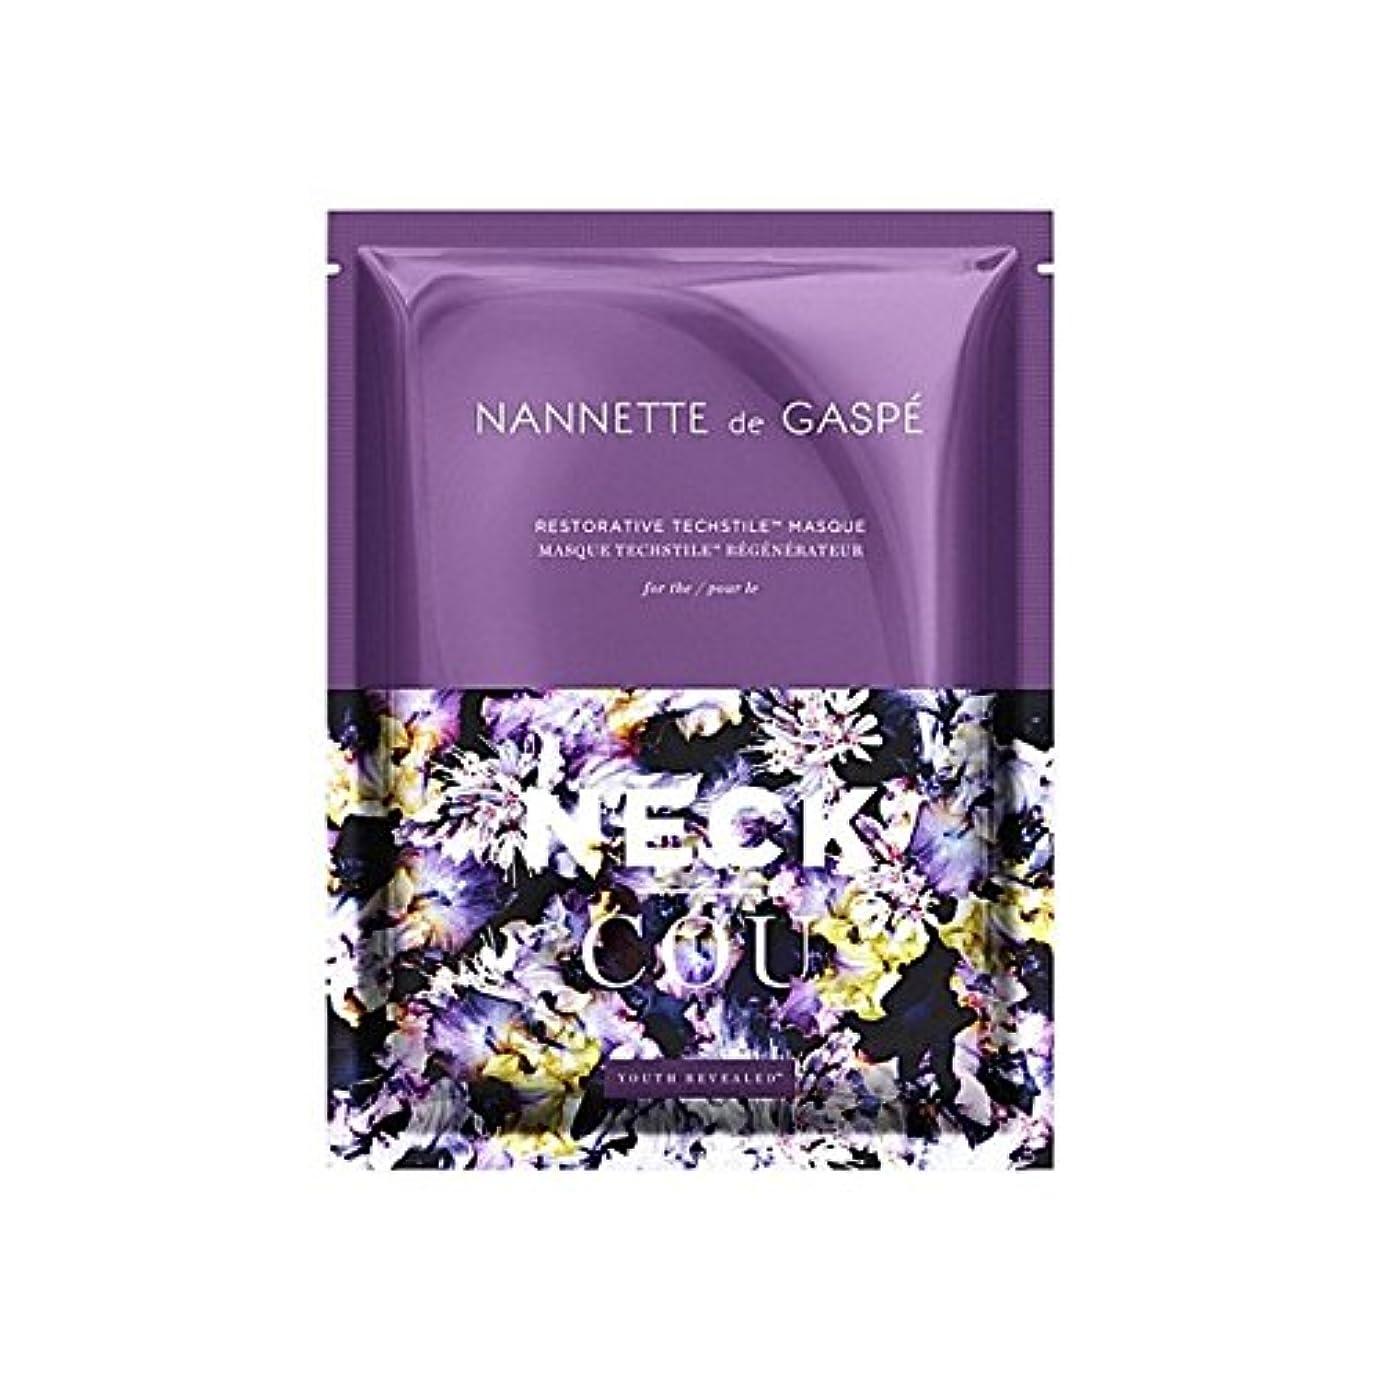 効能起こりやすい機転デガスペ修復首の仮面劇 x4 - Nannette De Gaspe Restorative Techstile Neck Masque (Pack of 4) [並行輸入品]